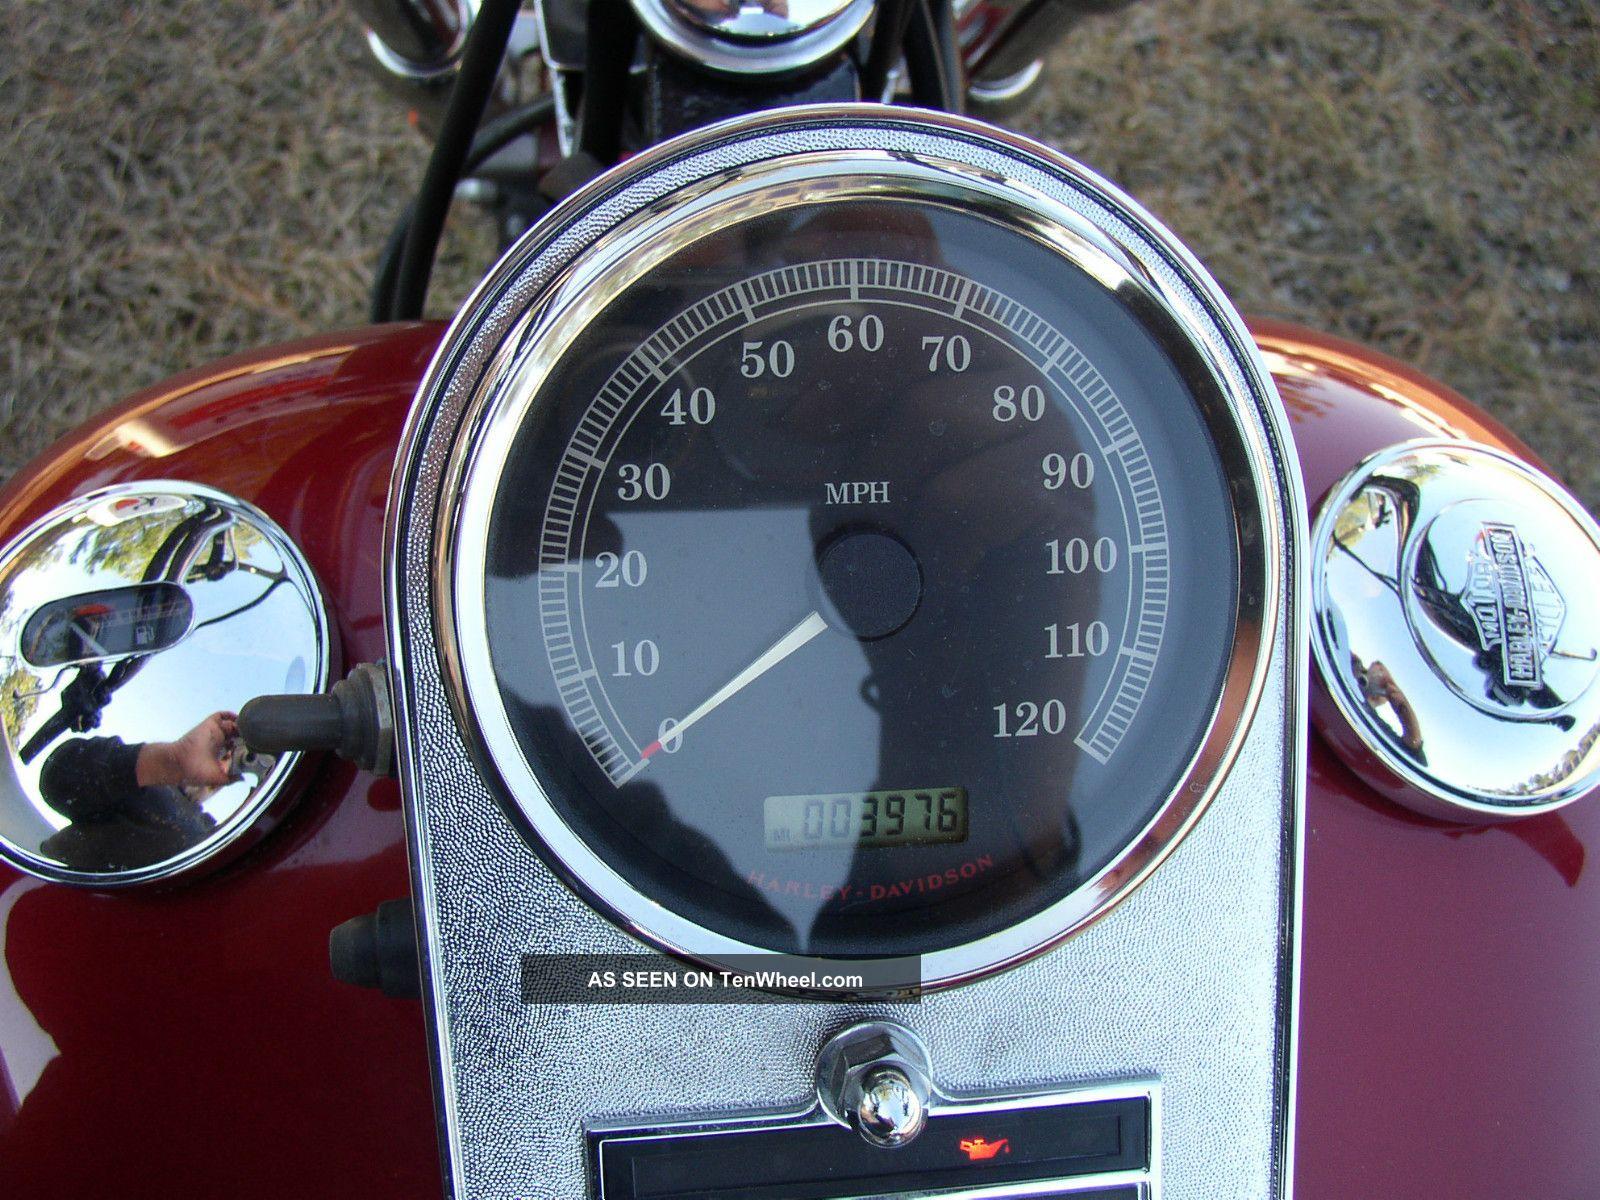 2007 Harley Davidson Softail Custom - - Trike Conversion